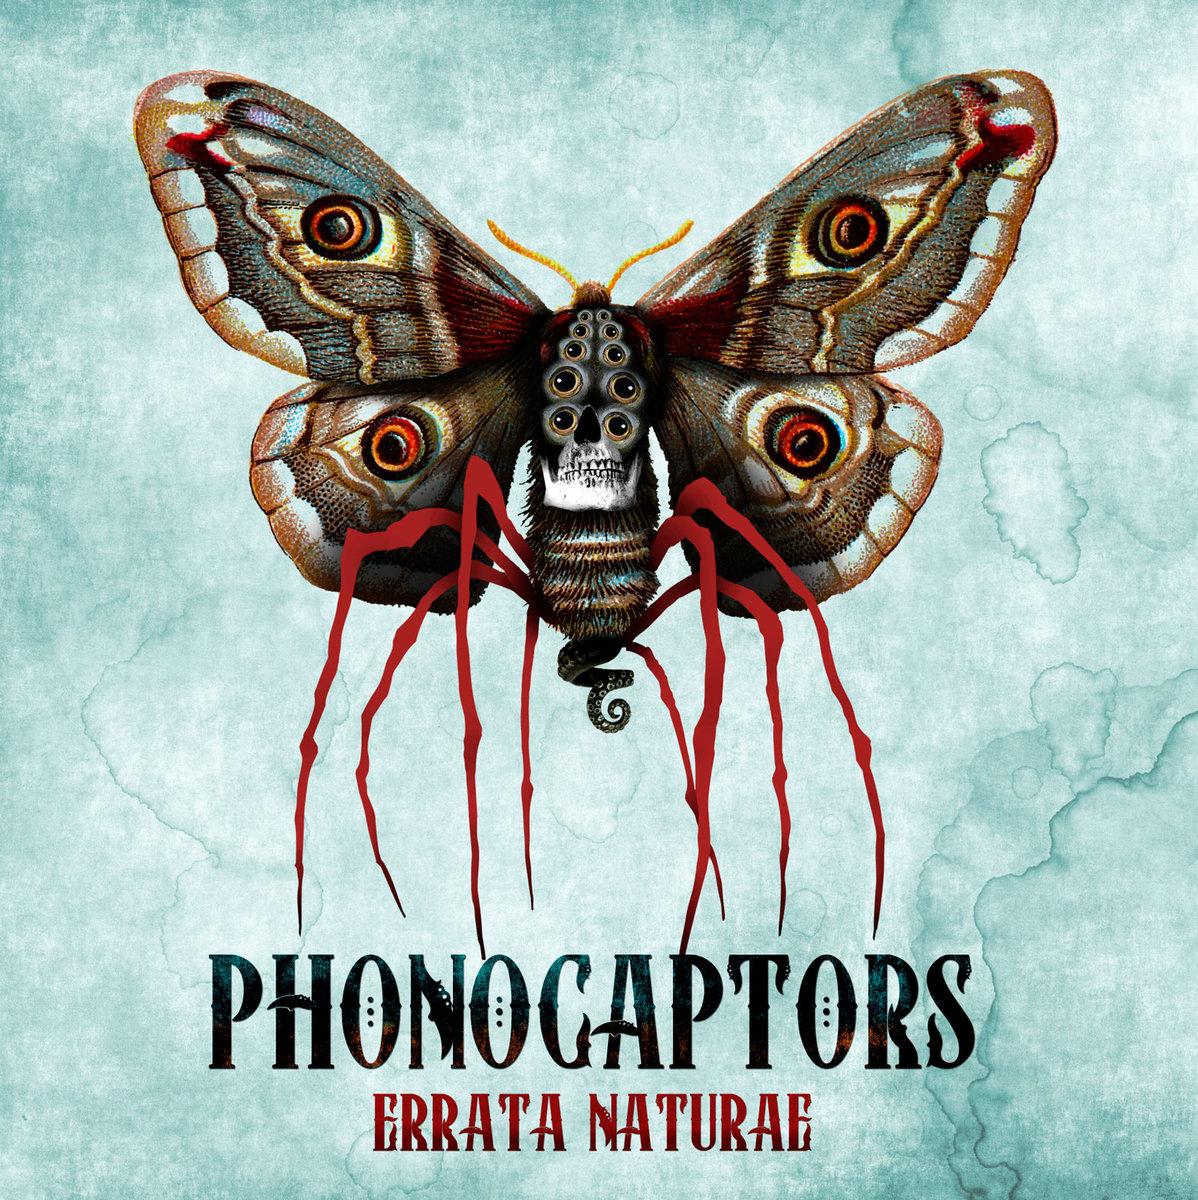 Phonocaptors - Errata Naturae